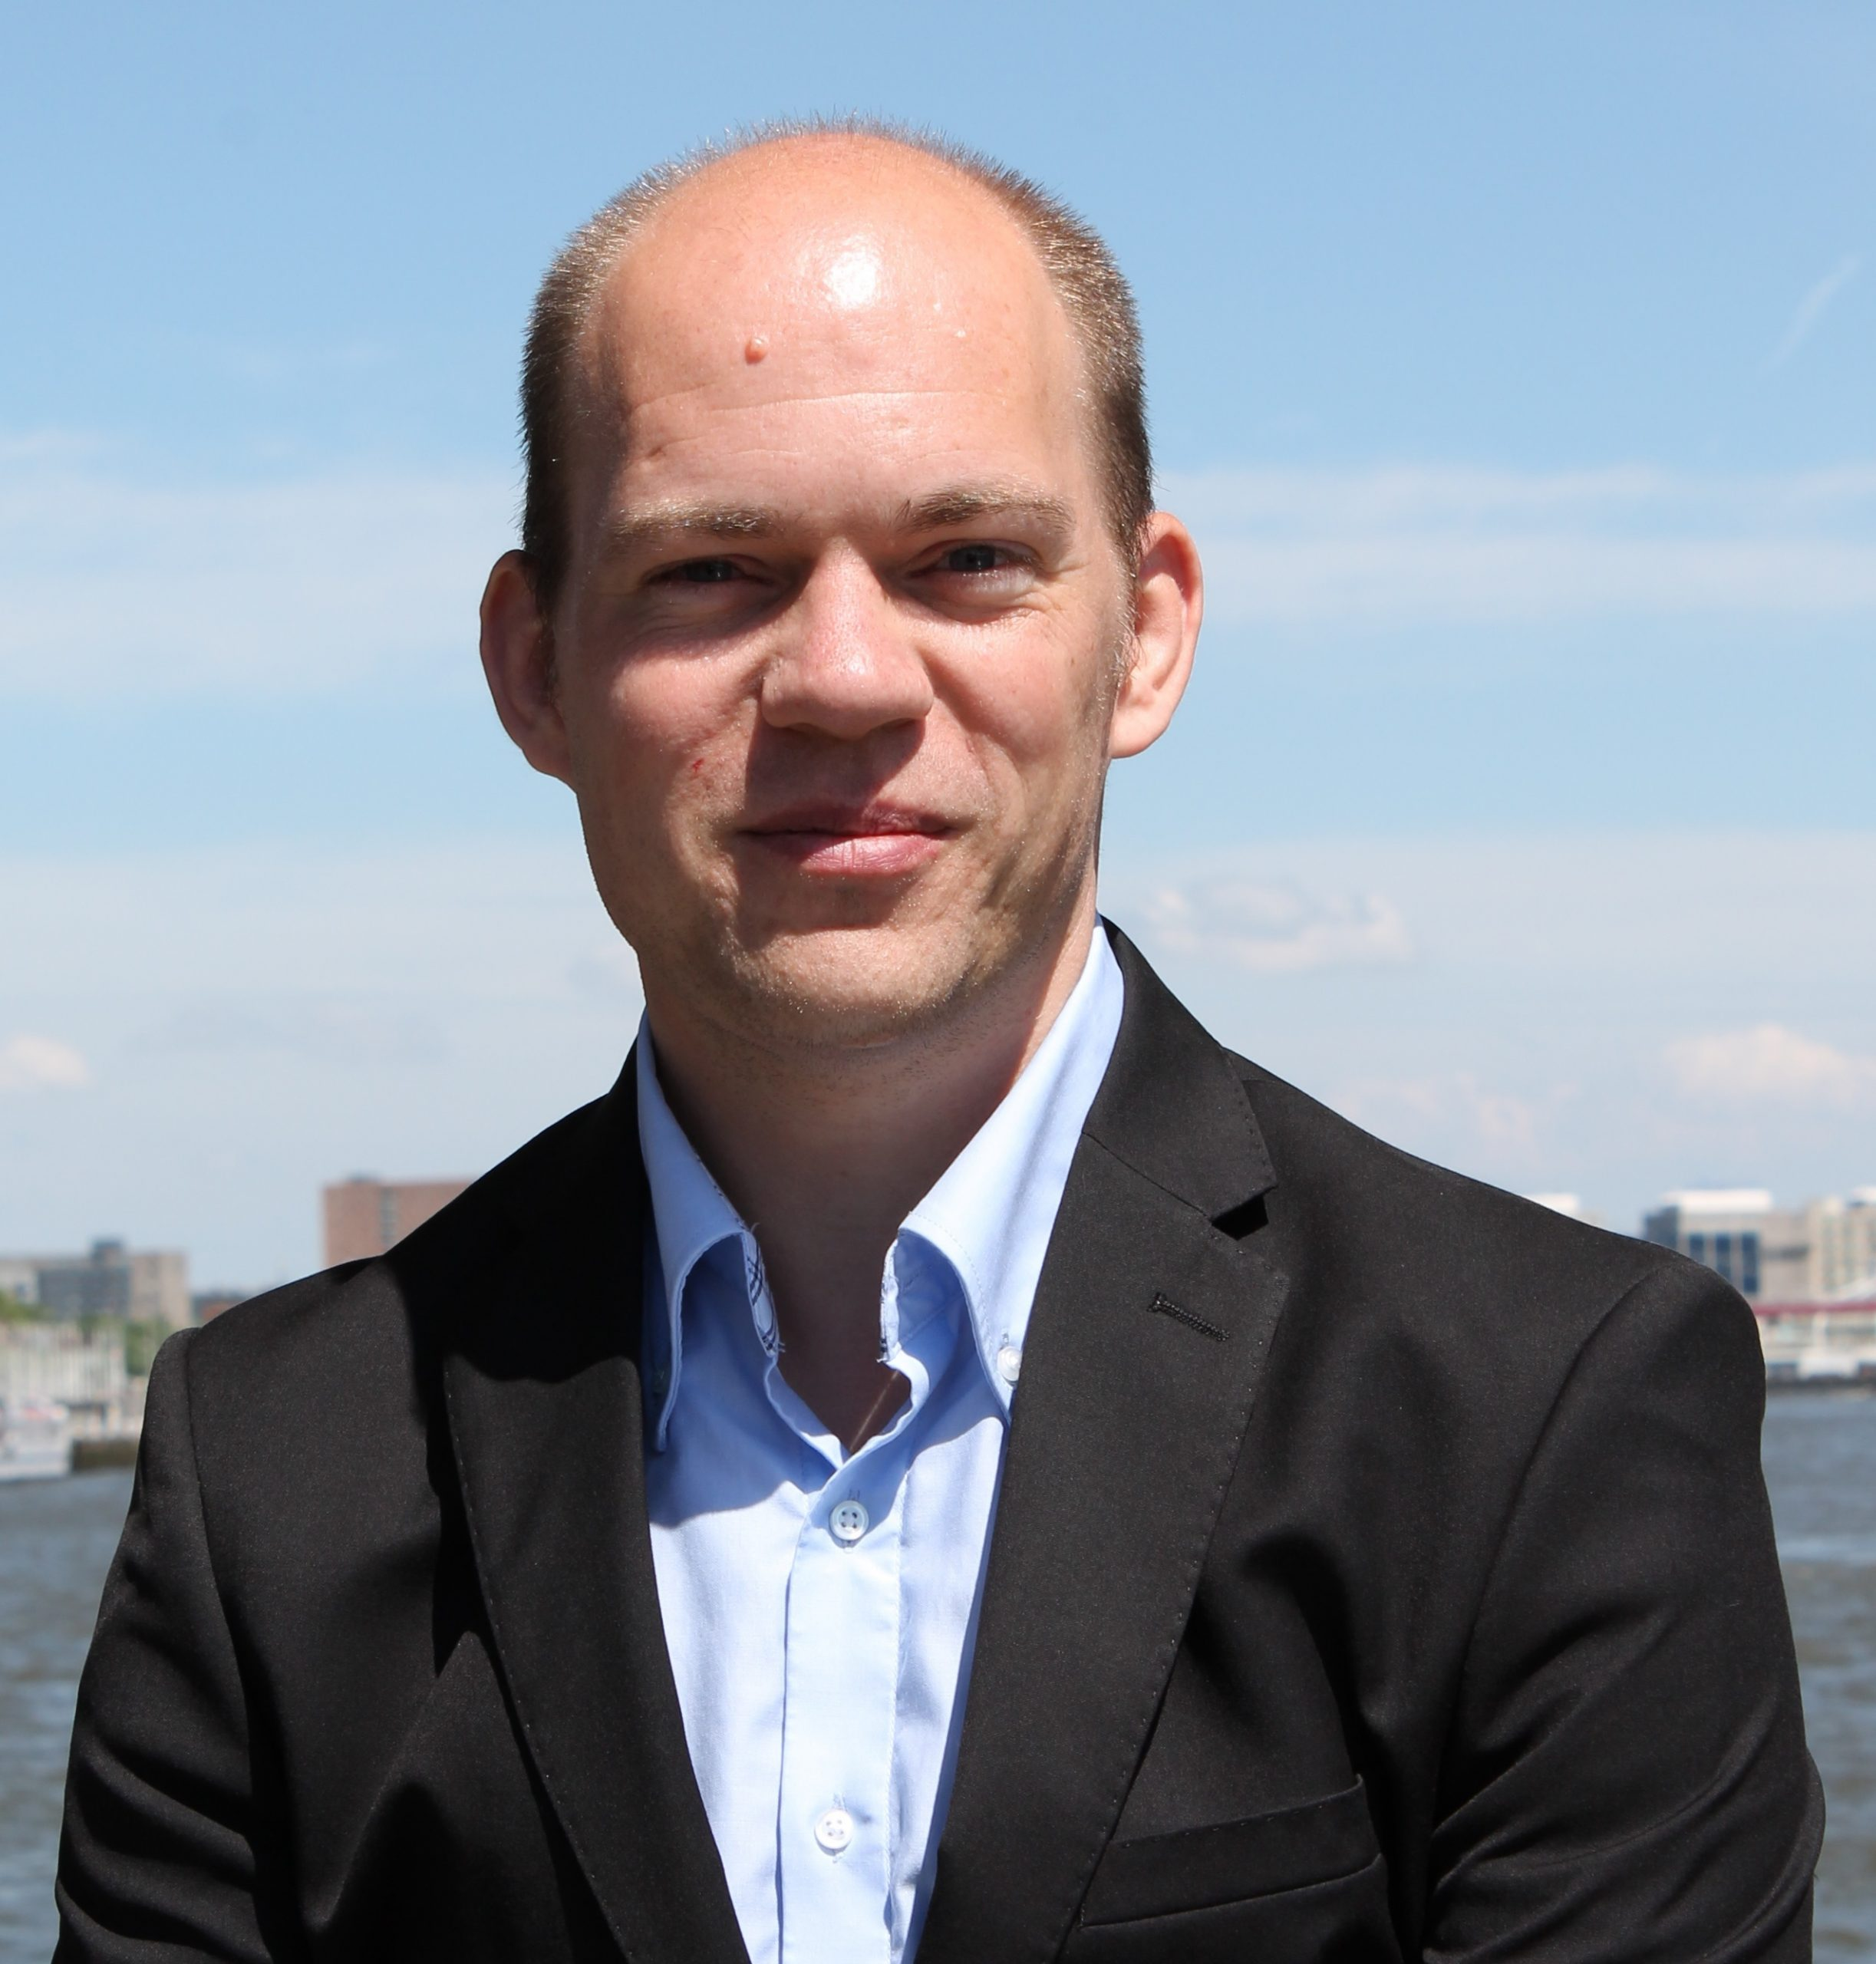 Rene Bravenboer